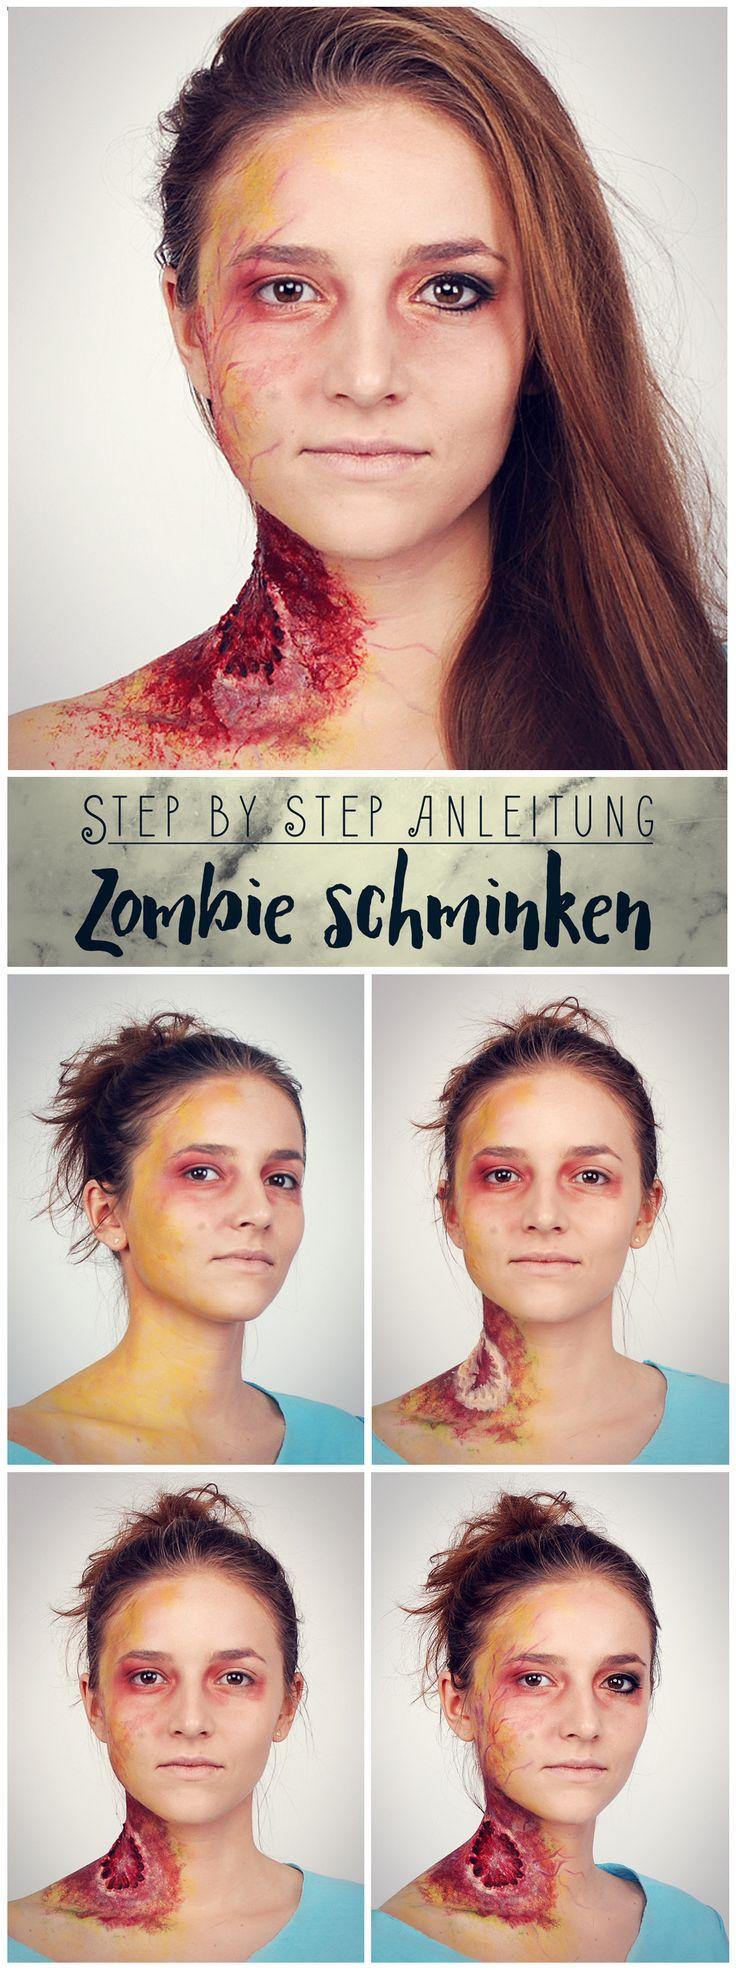 """Halloween-Verkleidung à la """"The Walking Dead""""? Wir zeigen euch, wie ihr euch zum gruseligen Zombie schminken könnt!"""